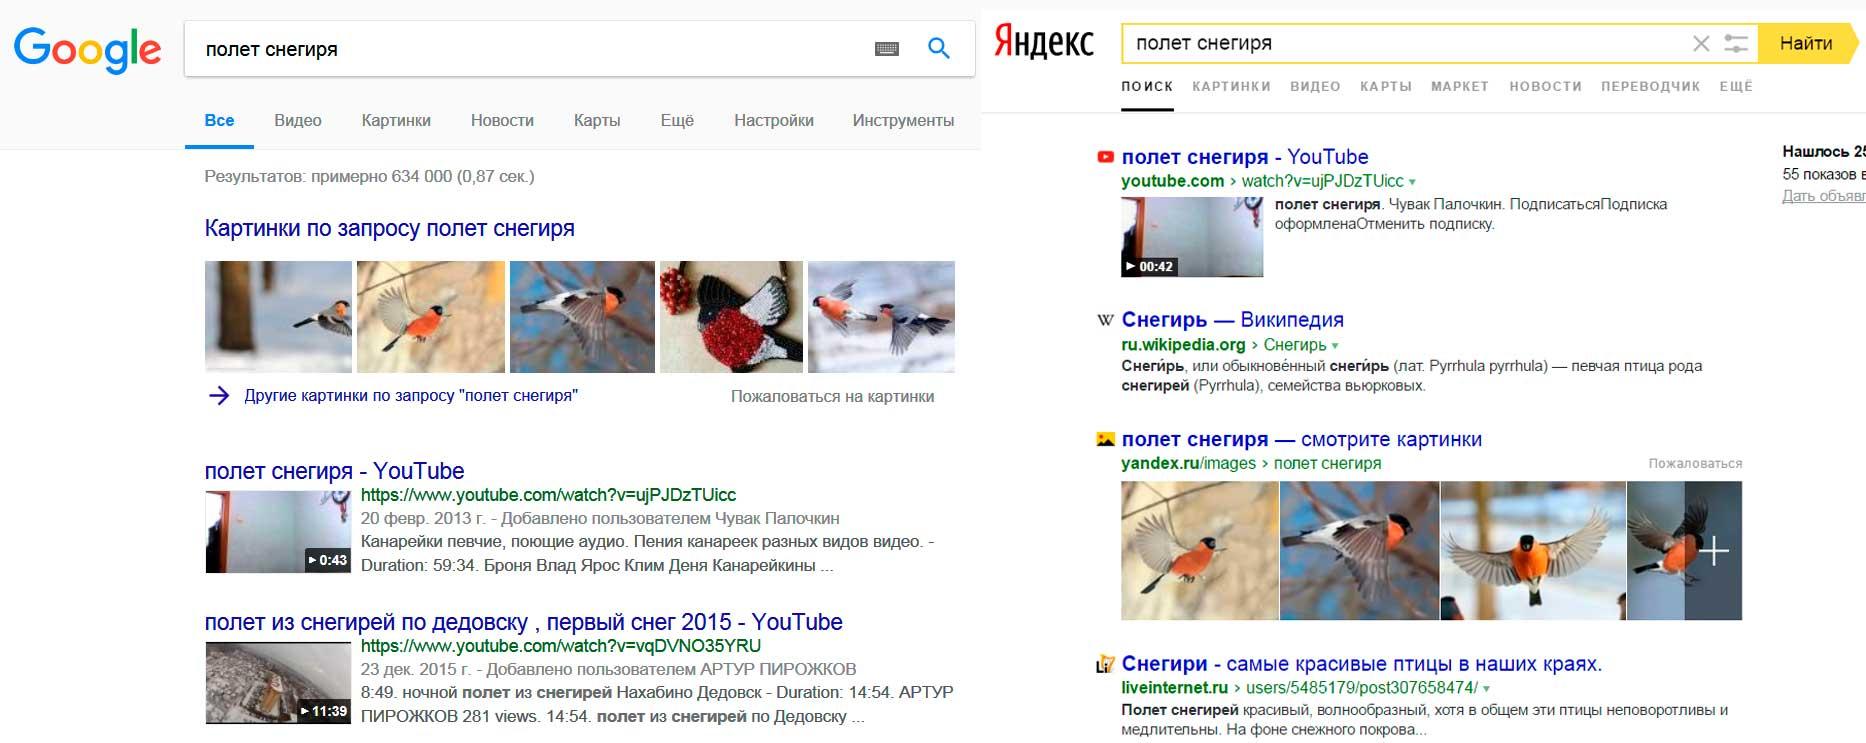 Вертикальный поиск Яндекс и Google